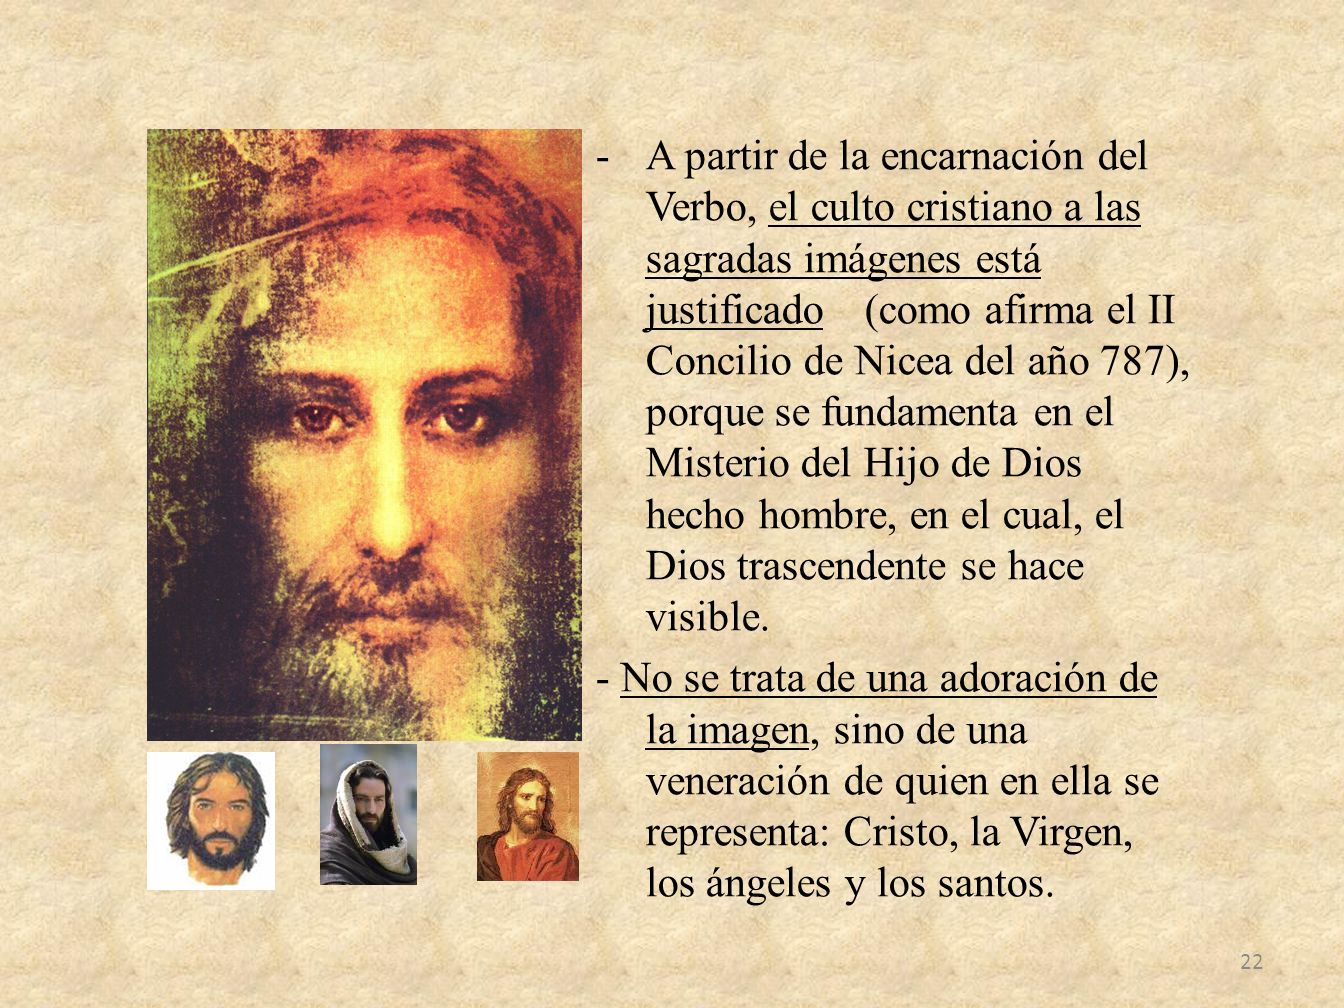 A partir de la encarnación del Verbo, el culto cristiano a las sagradas imágenes está justificado (como afirma el II Concilio de Nicea del año 787), porque se fundamenta en el Misterio del Hijo de Dios hecho hombre, en el cual, el Dios trascendente se hace visible.